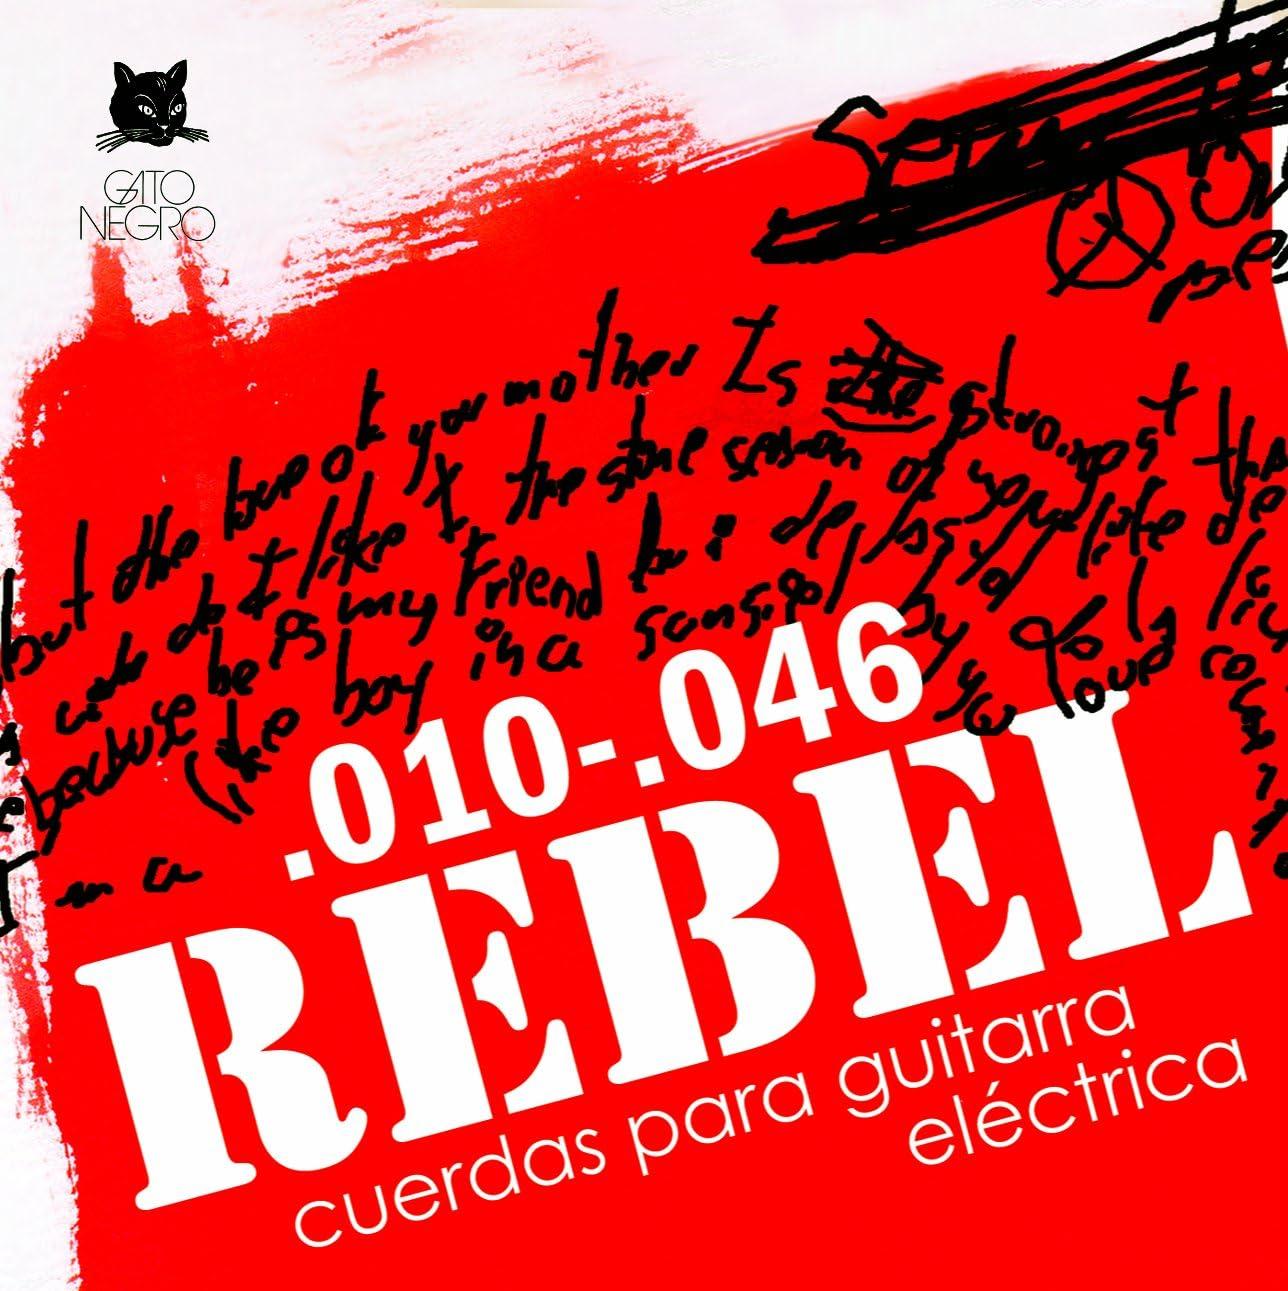 Juego de cuerdas para guitarra eléctrica Rebel by Gato Negro ...